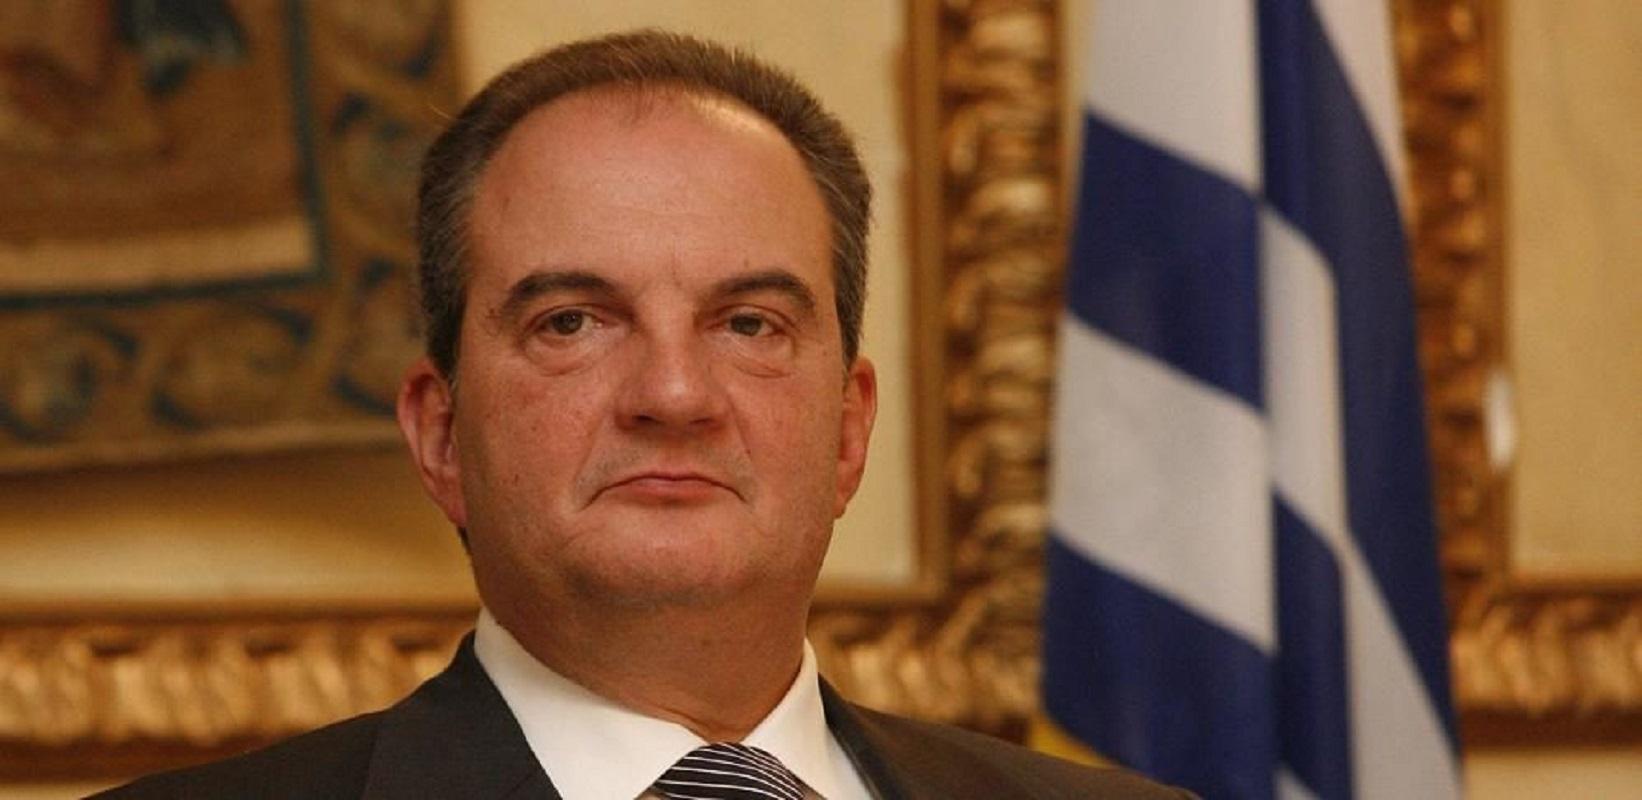 """""""Ο Κώστας Καραμανλής εμμένει στην απόφαση των πολιτικών αρχηγών του 1992 – ΟΧΙ στον όρο «Μακεδονία»"""""""